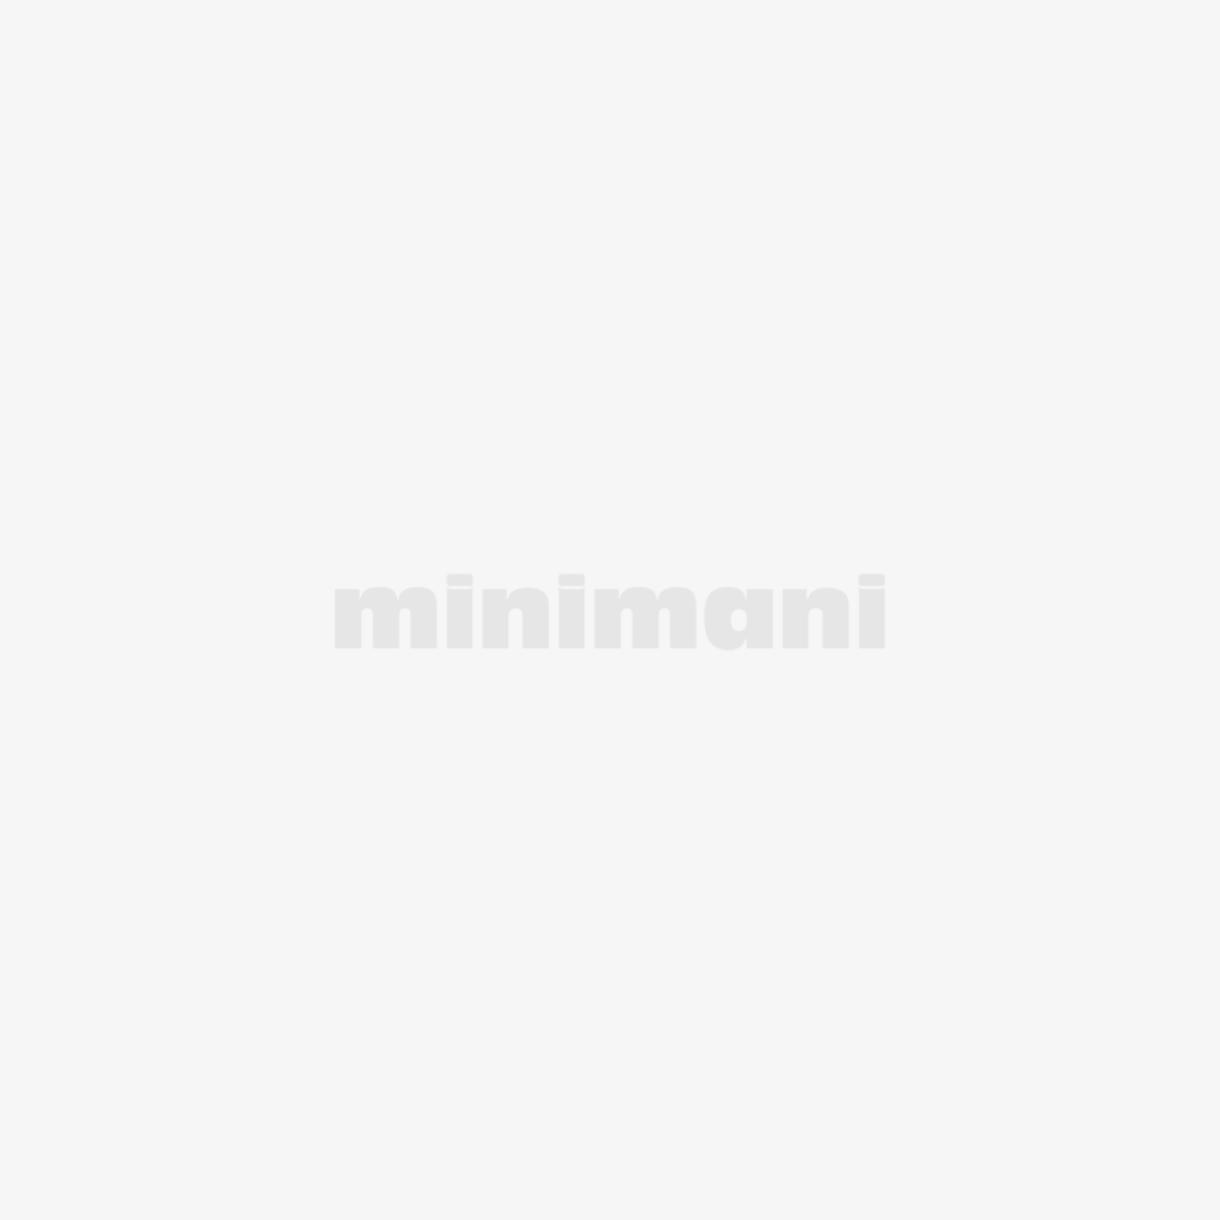 Mustang esiliina nahkajäljitelmää 64x86cm